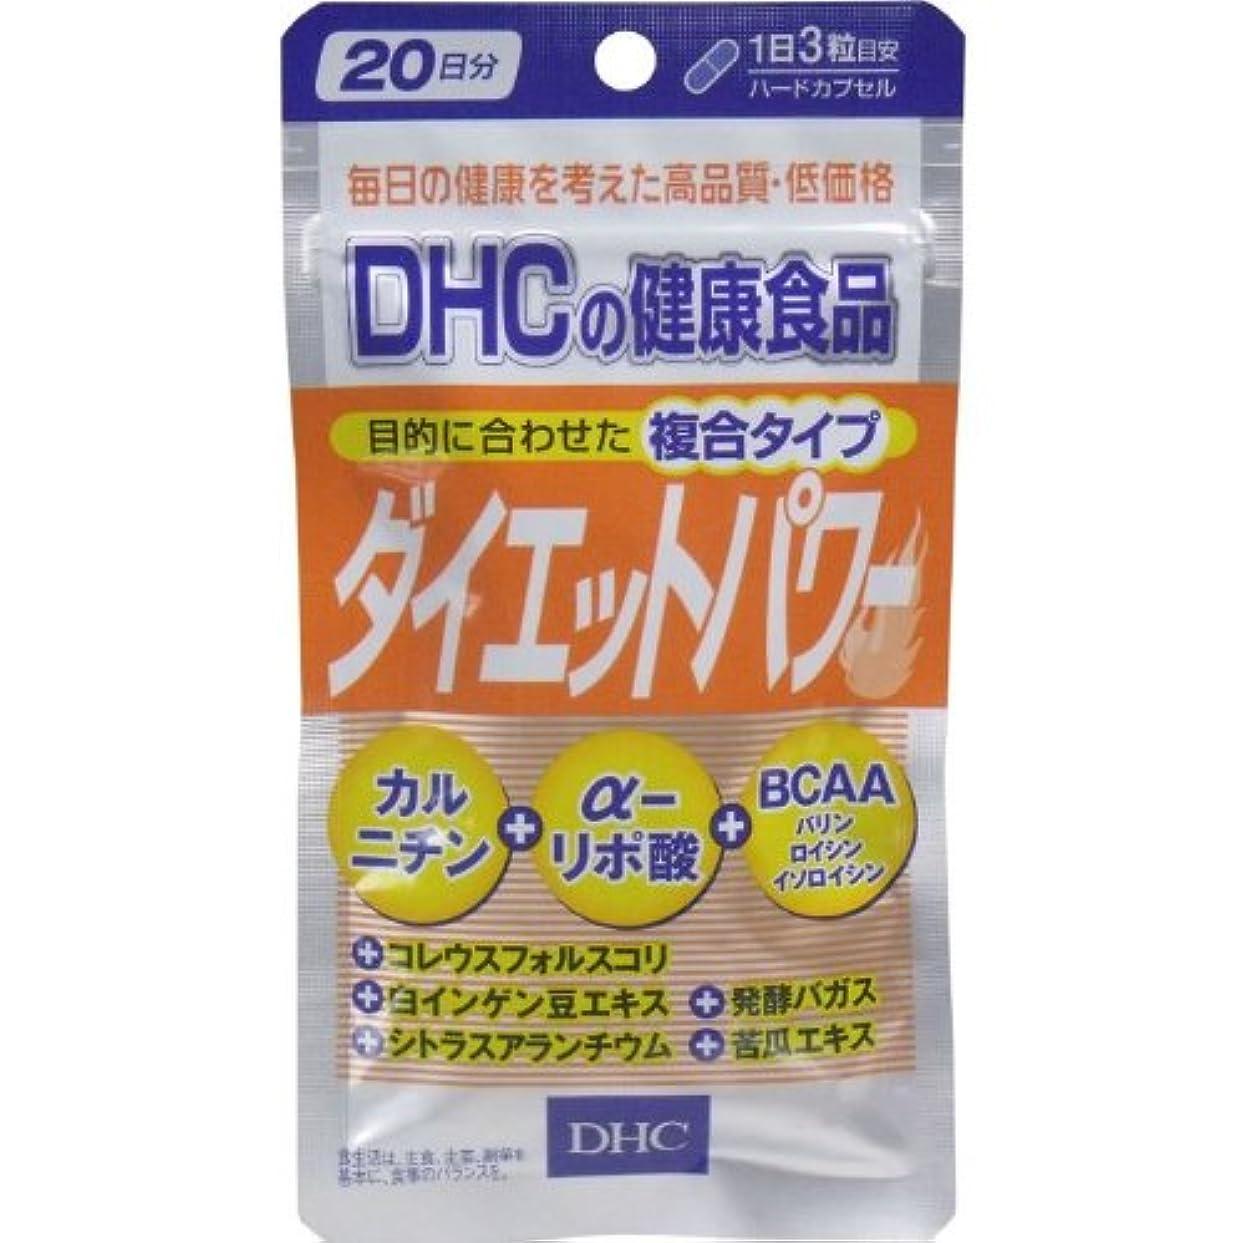 閉じる熱意命題DHC ダイエットパワー 60粒入 20日分「2点セット」